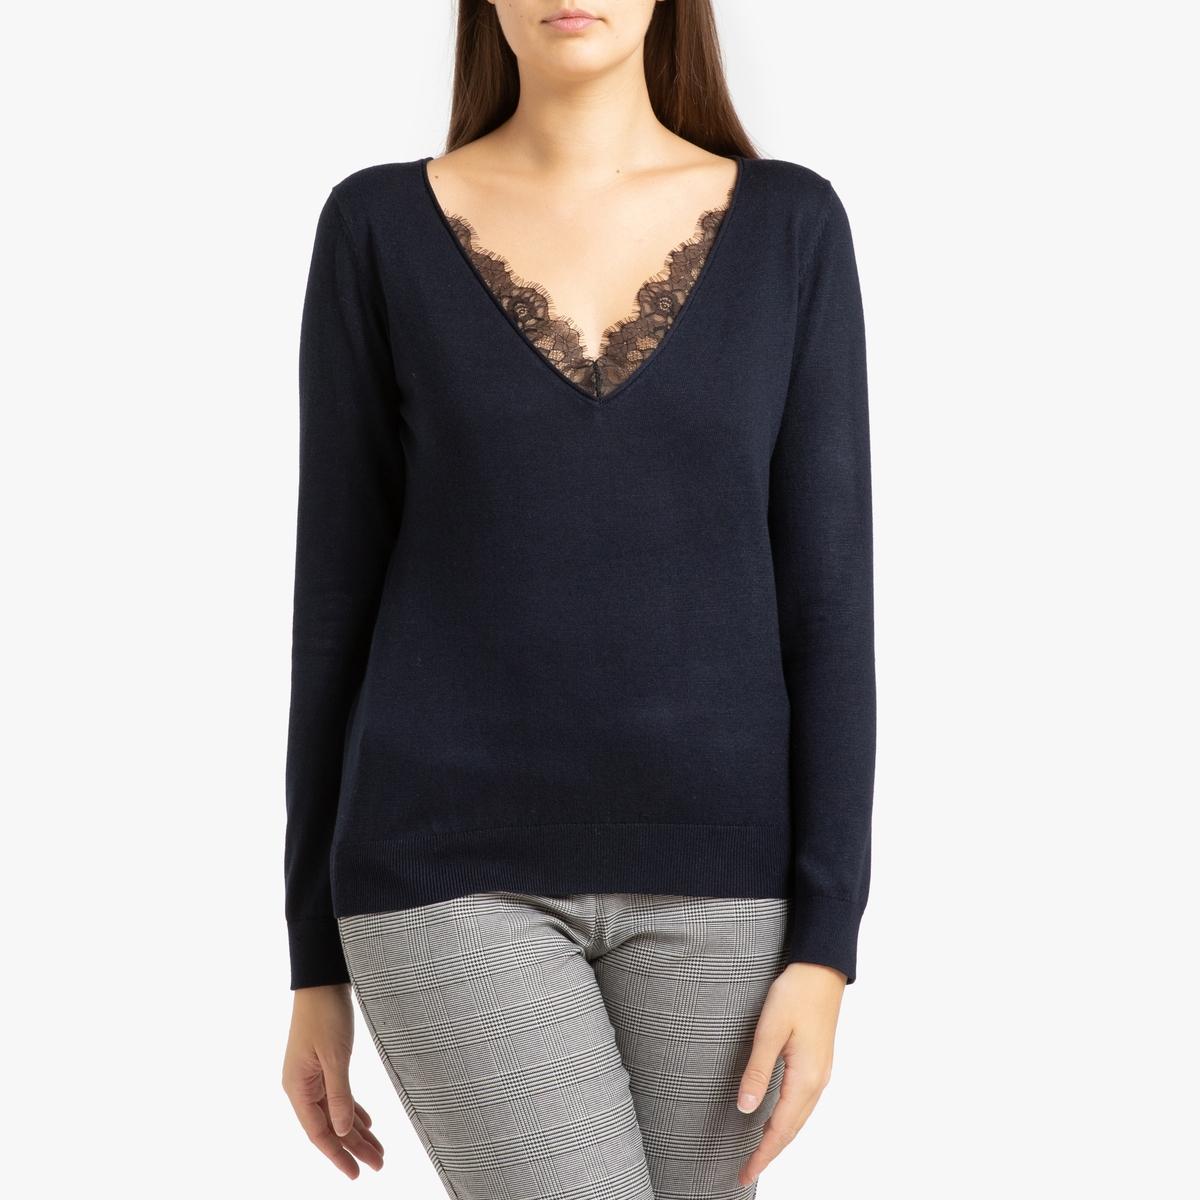 Пуловер La Redoute С v-образным вырезом и кружевом S синий комбинезон la redoute с брюками с v образным вырезом и отделкой кружевом l черный